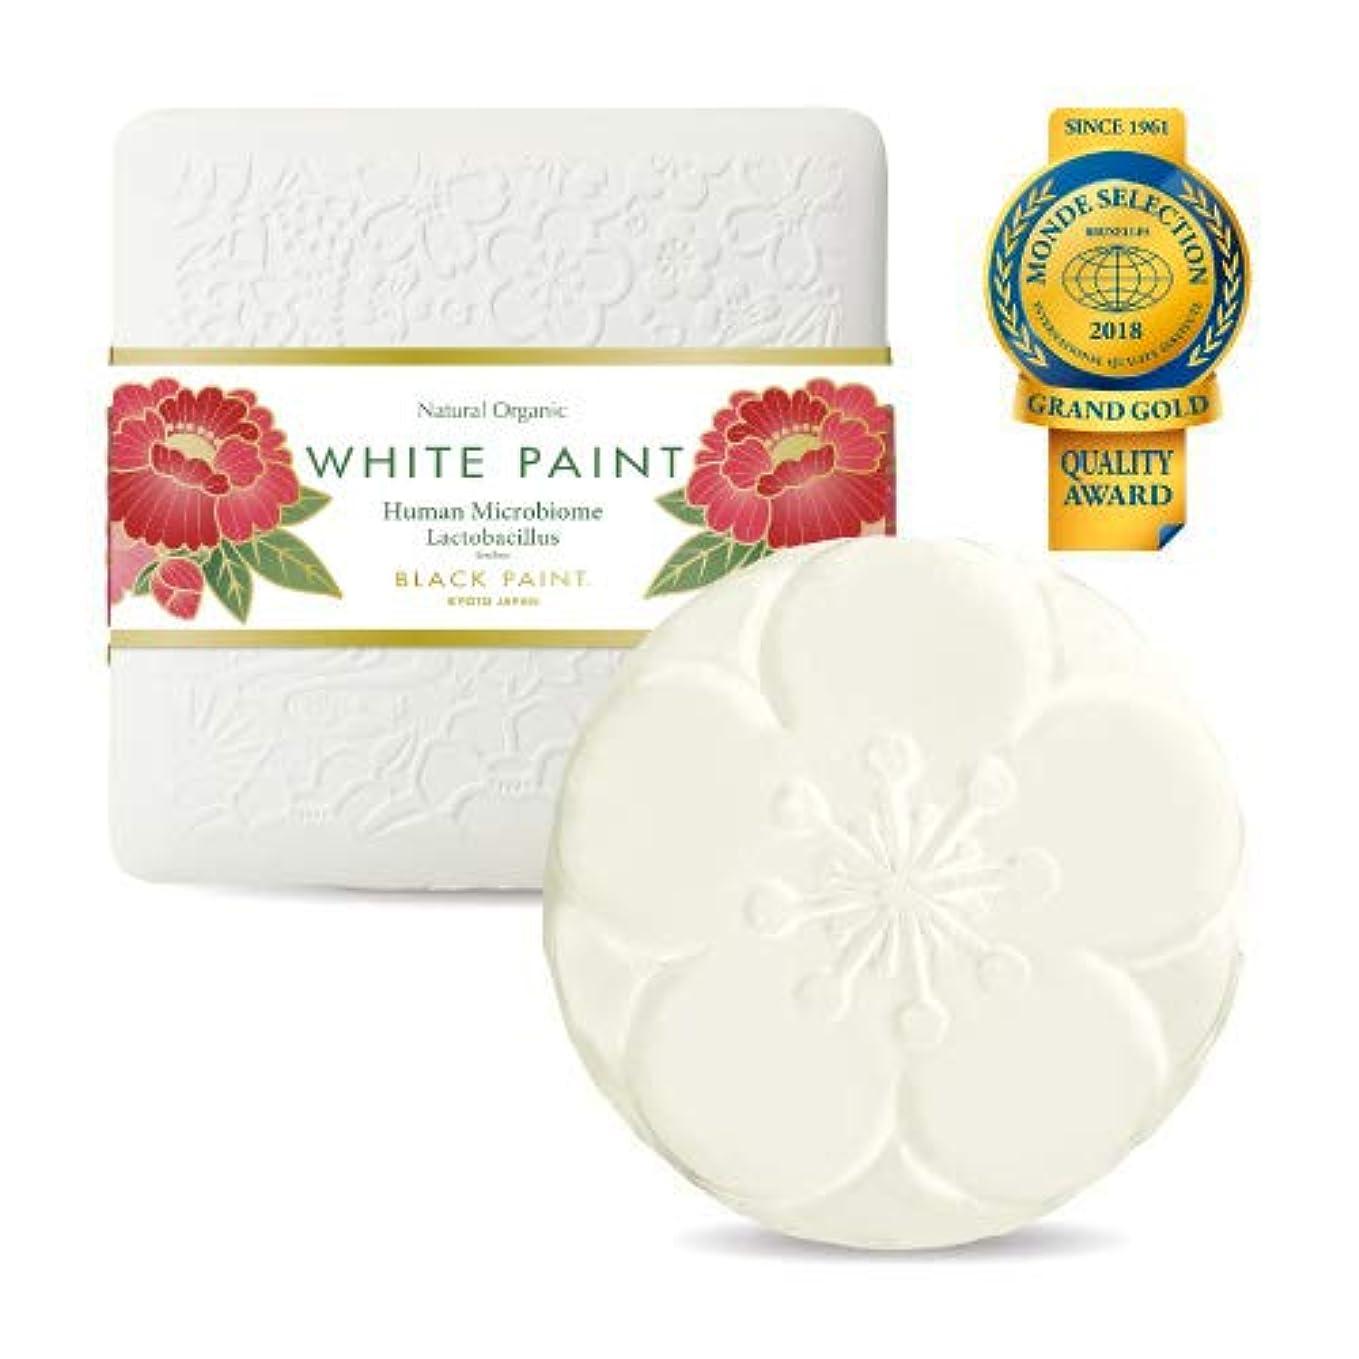 アコード違反バット乳酸菌入り プレミアム ホワイトペイント 60g ハーフサイズ 塗る洗顔 石鹸 無添加 国産 …